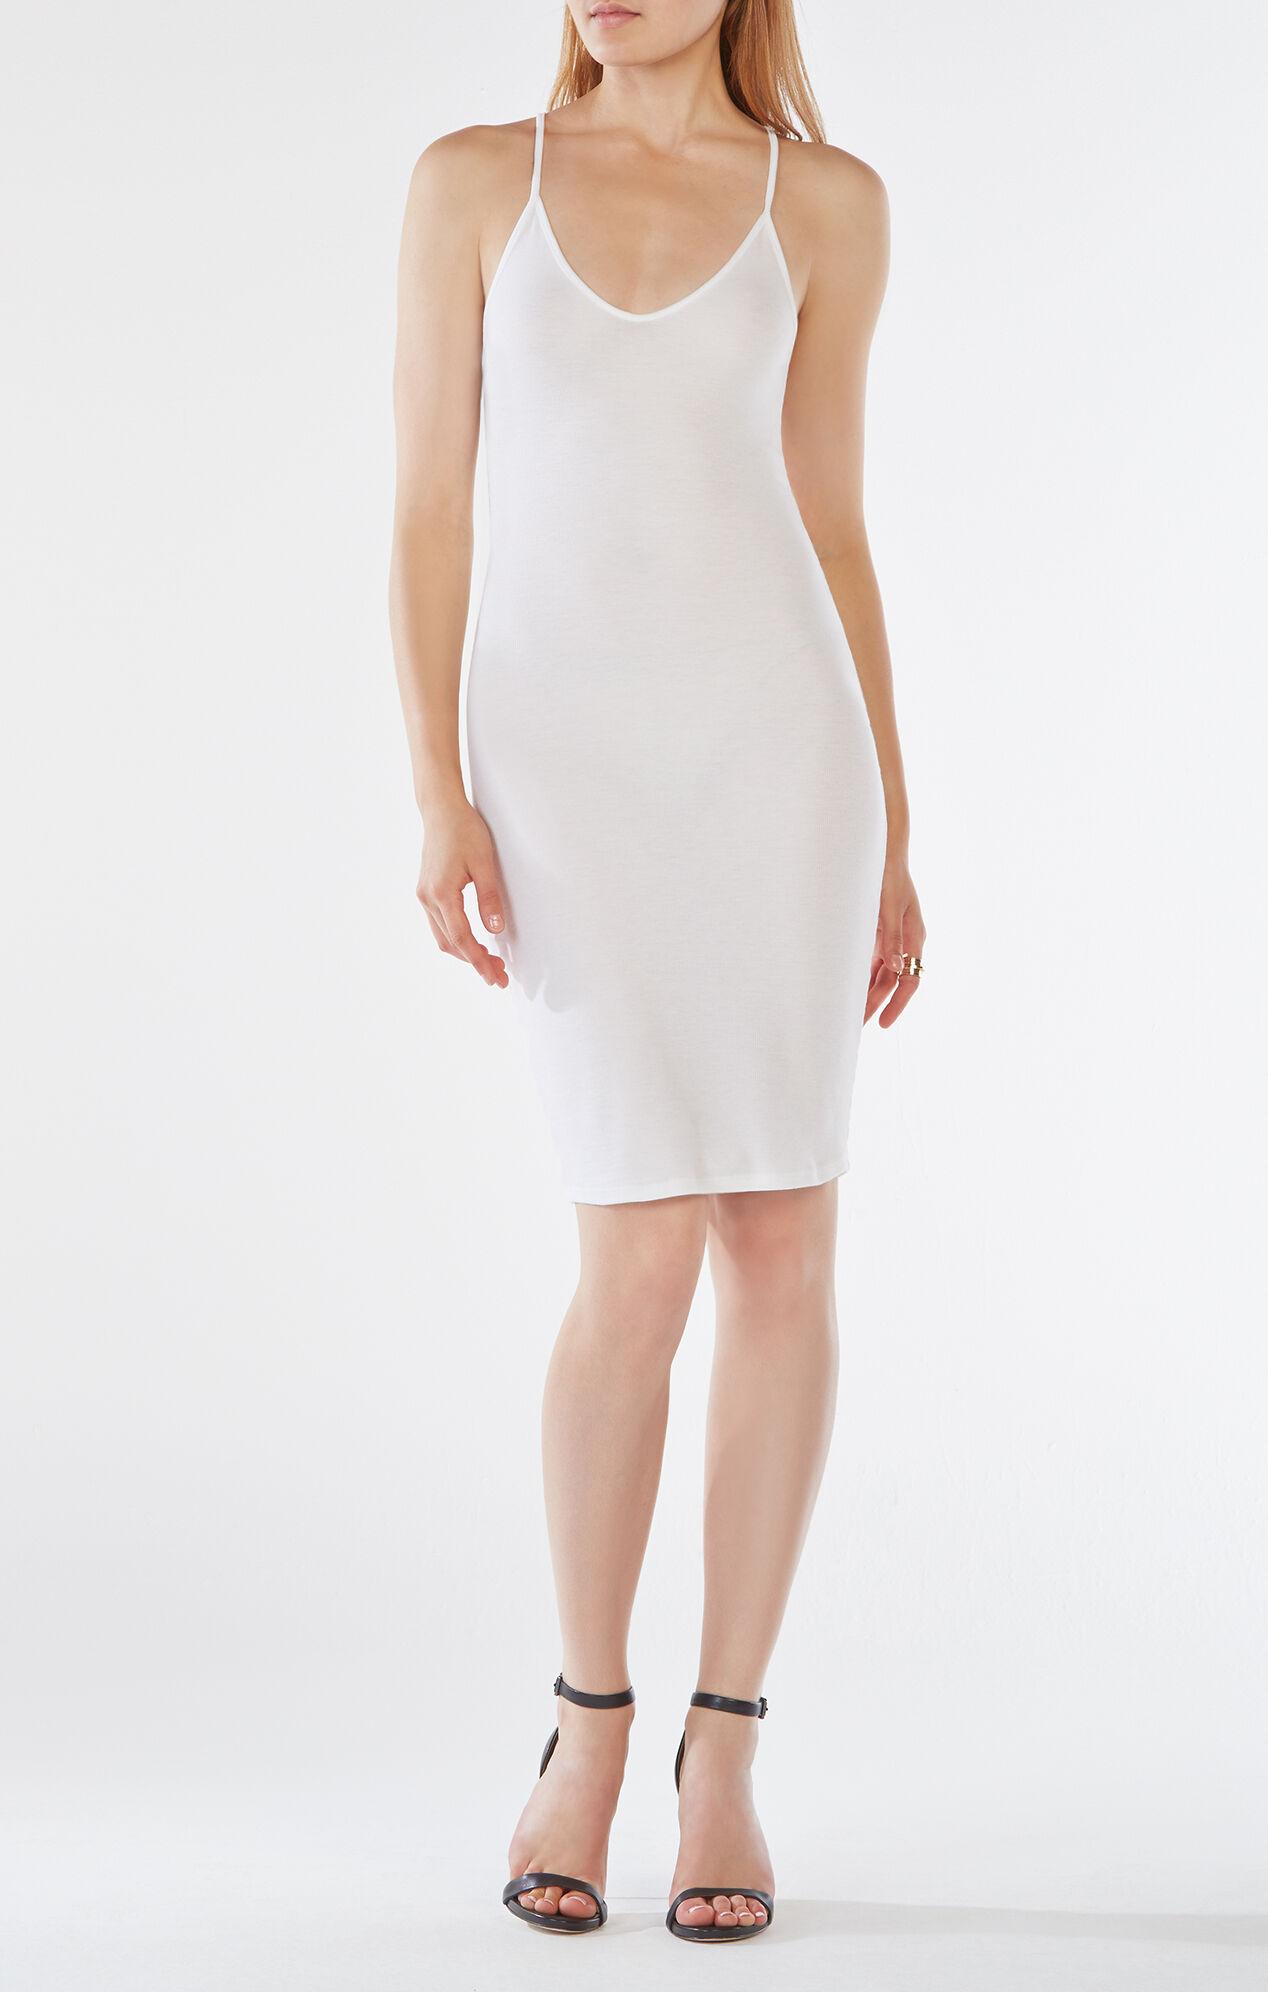 Kimmie Essential Knit Slip Dress